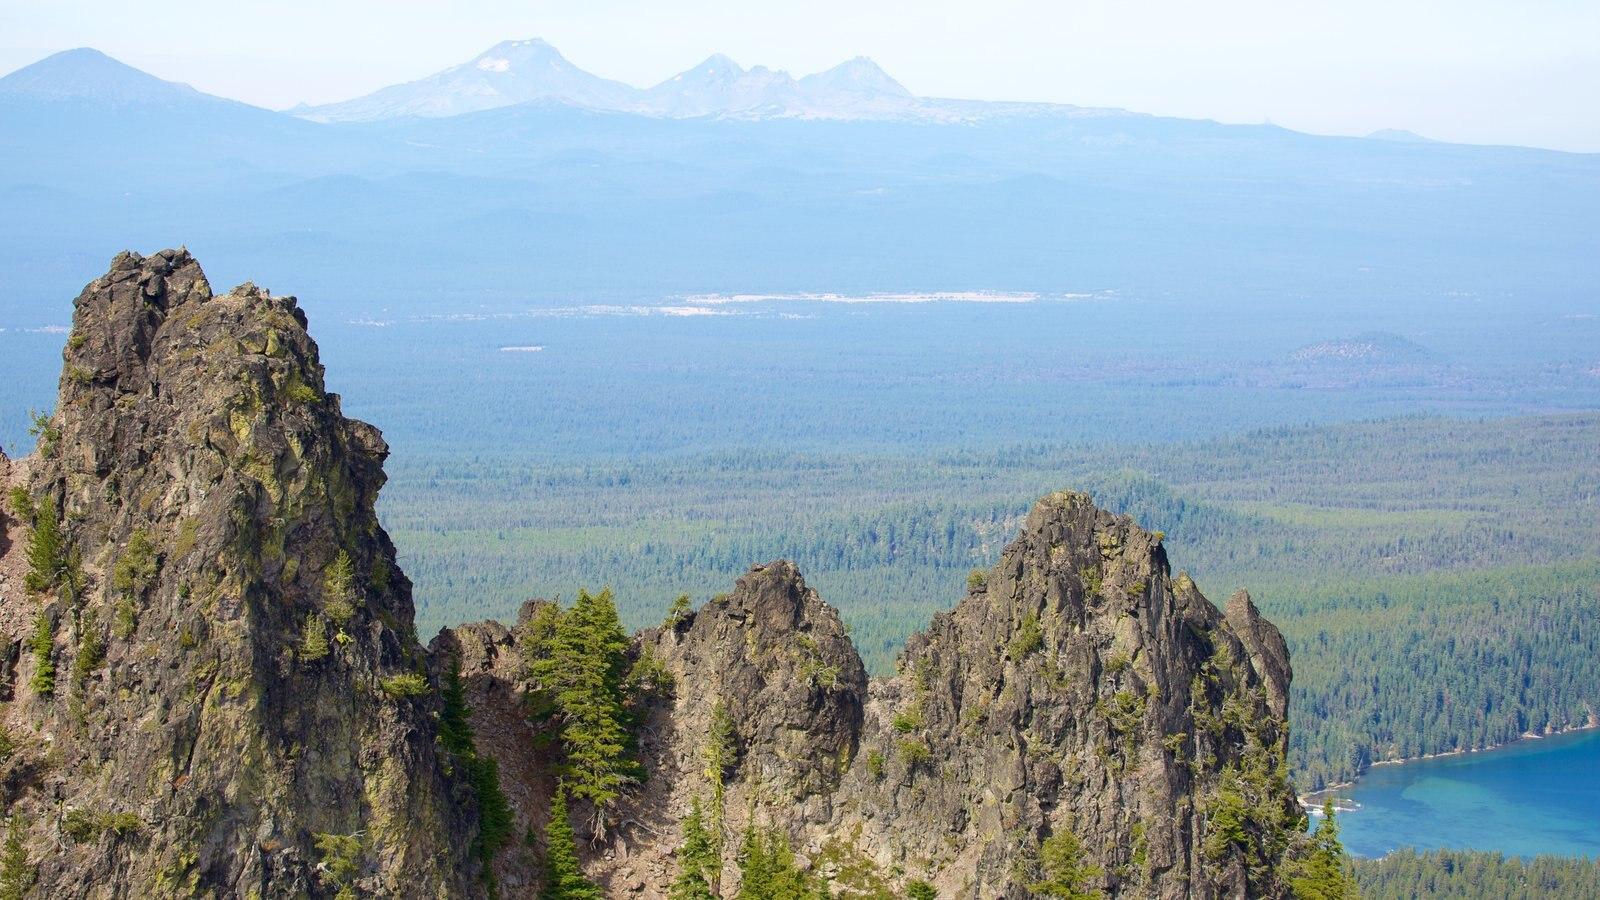 Newberry National Volcanic Monument mostrando montañas